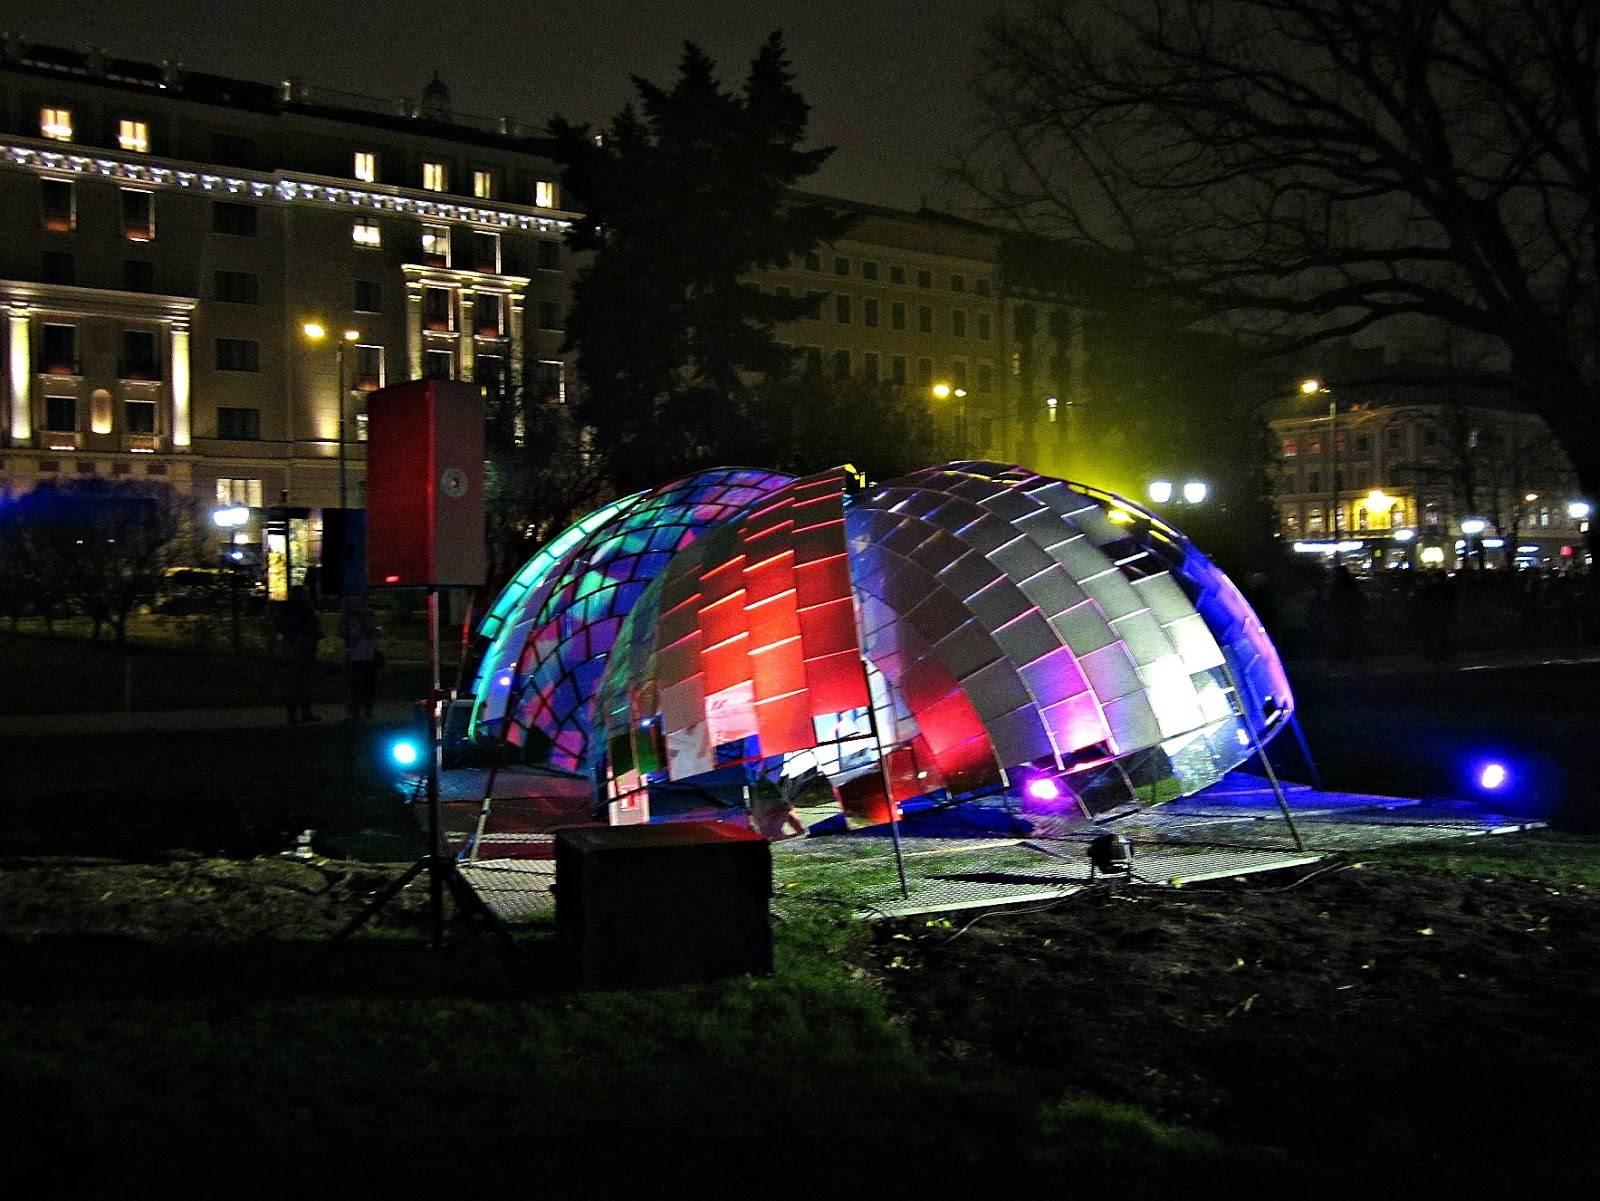 Зрелищный фестиваль светового искусства в Берлине